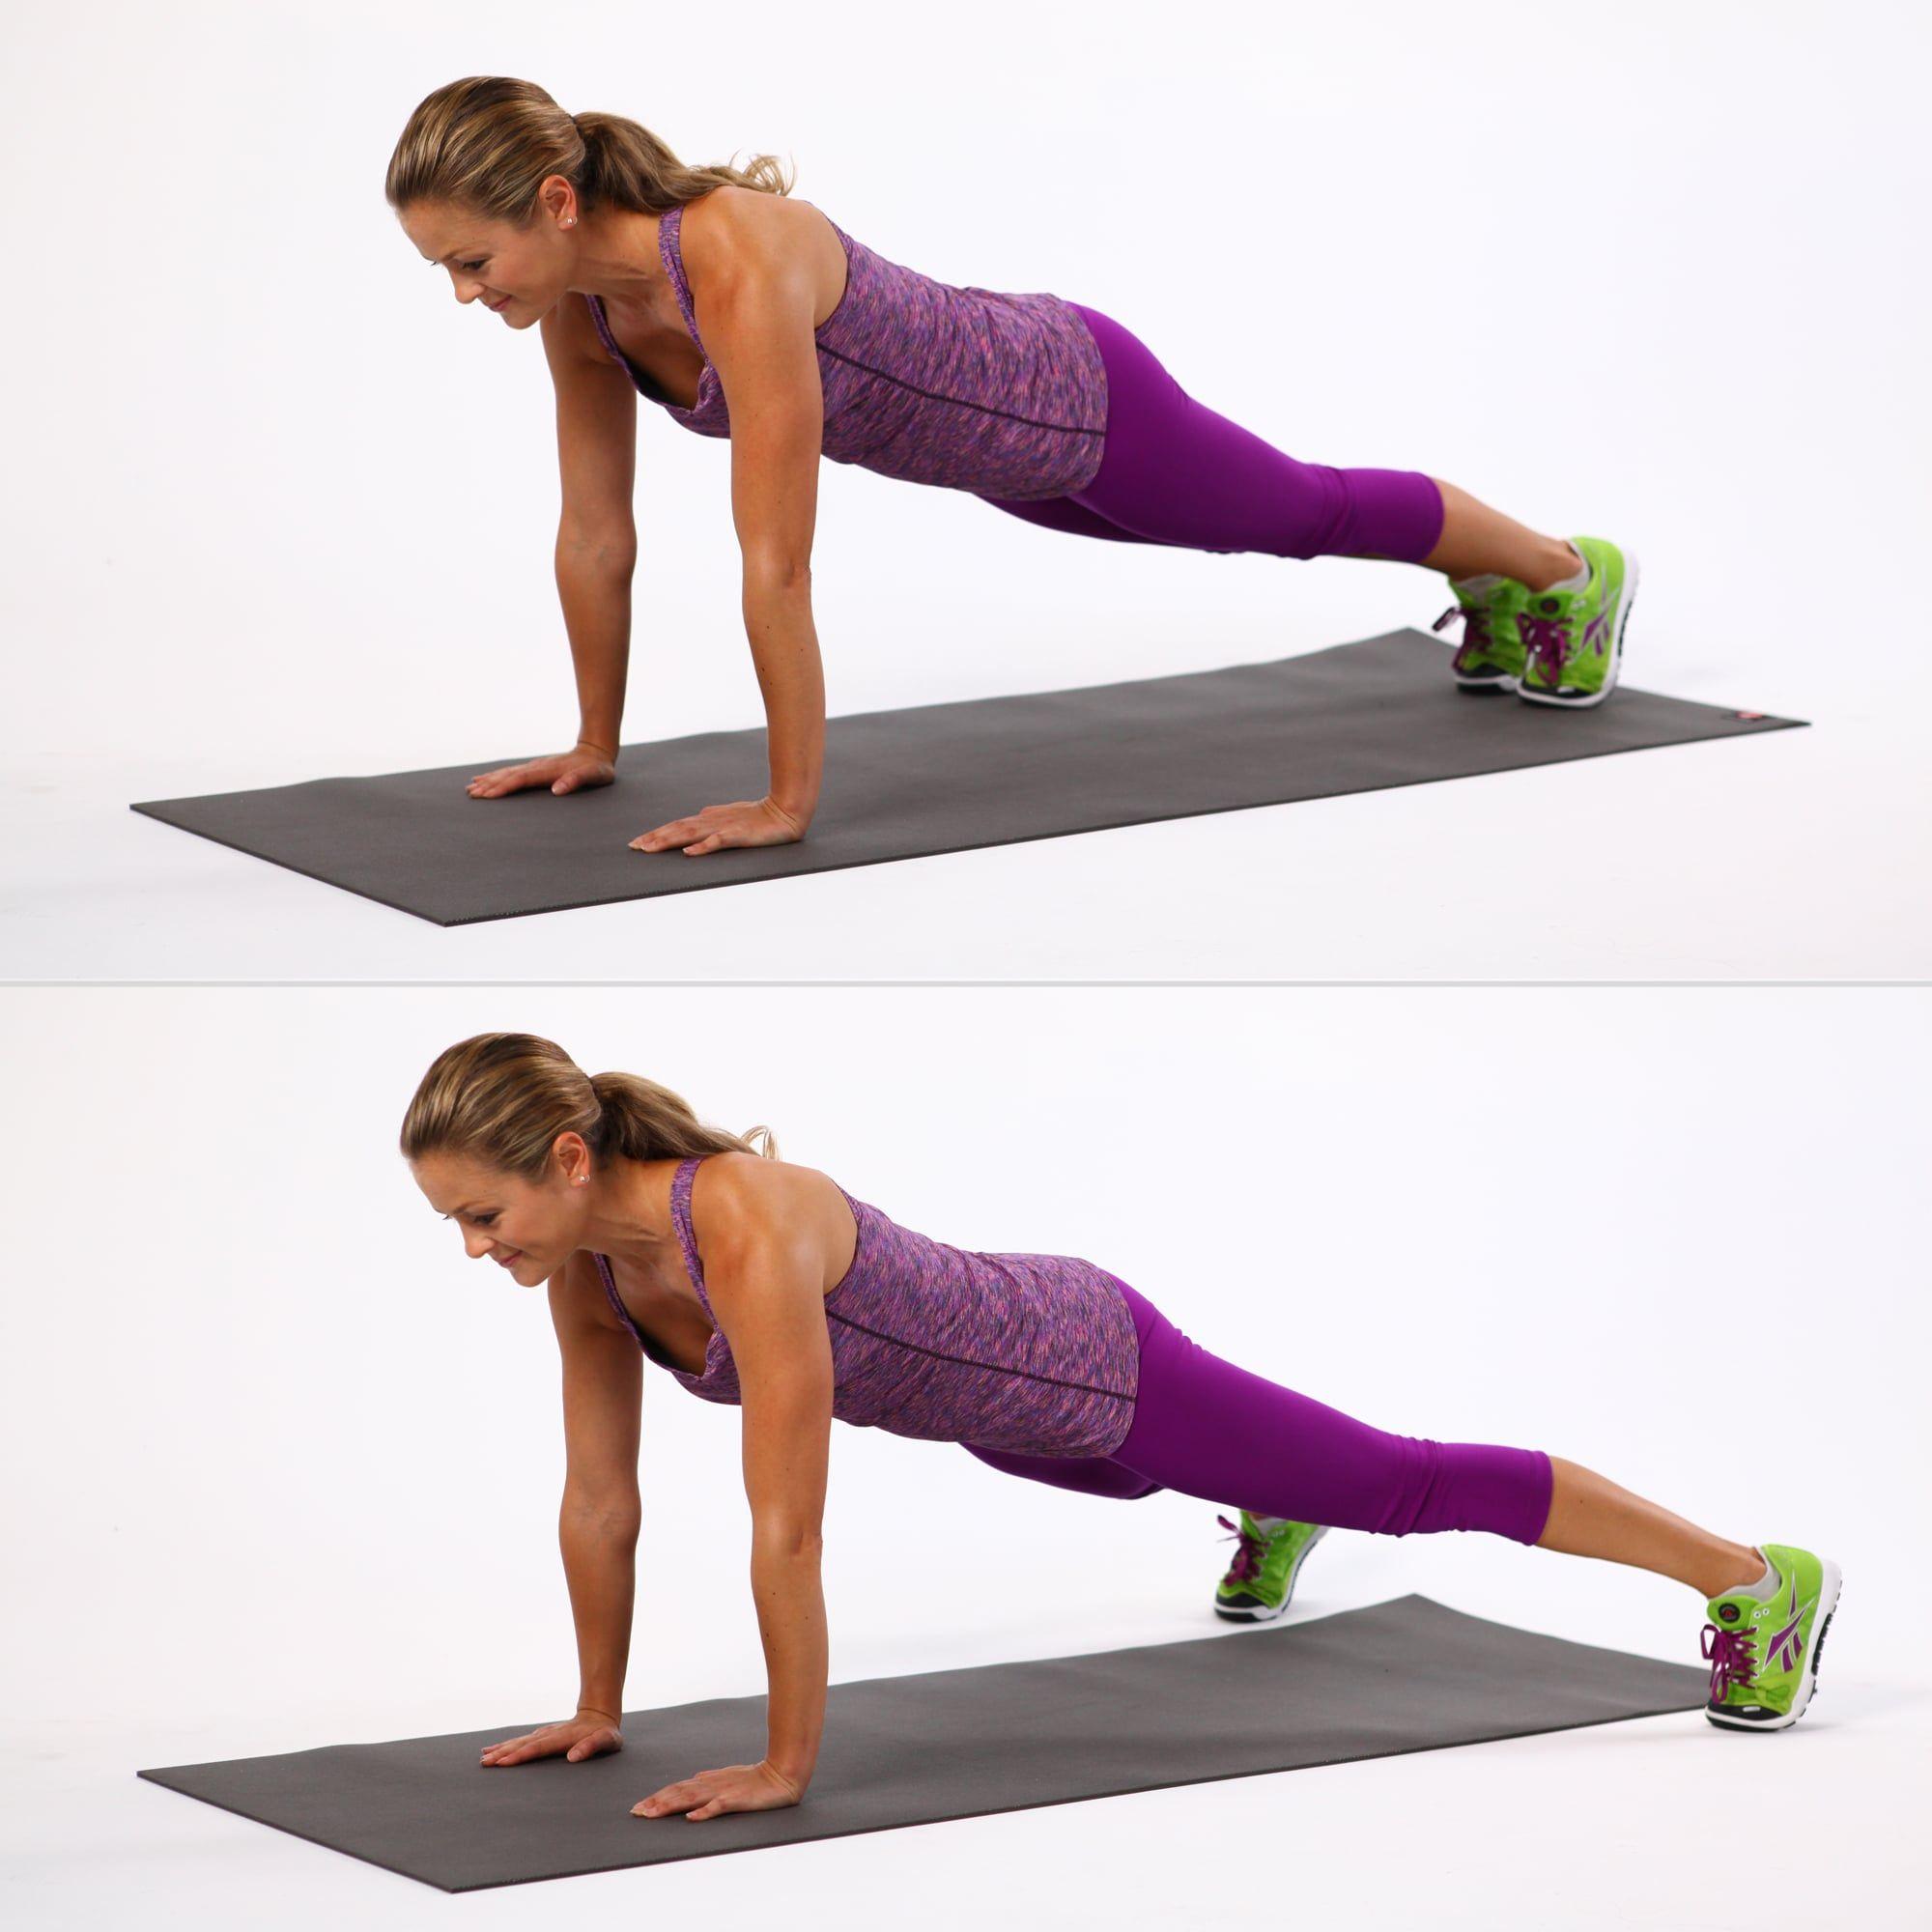 Top 8 bài tập thể dục giảm mở bụng toàn thân tại nhà cho mấy chế - ảnh 5.